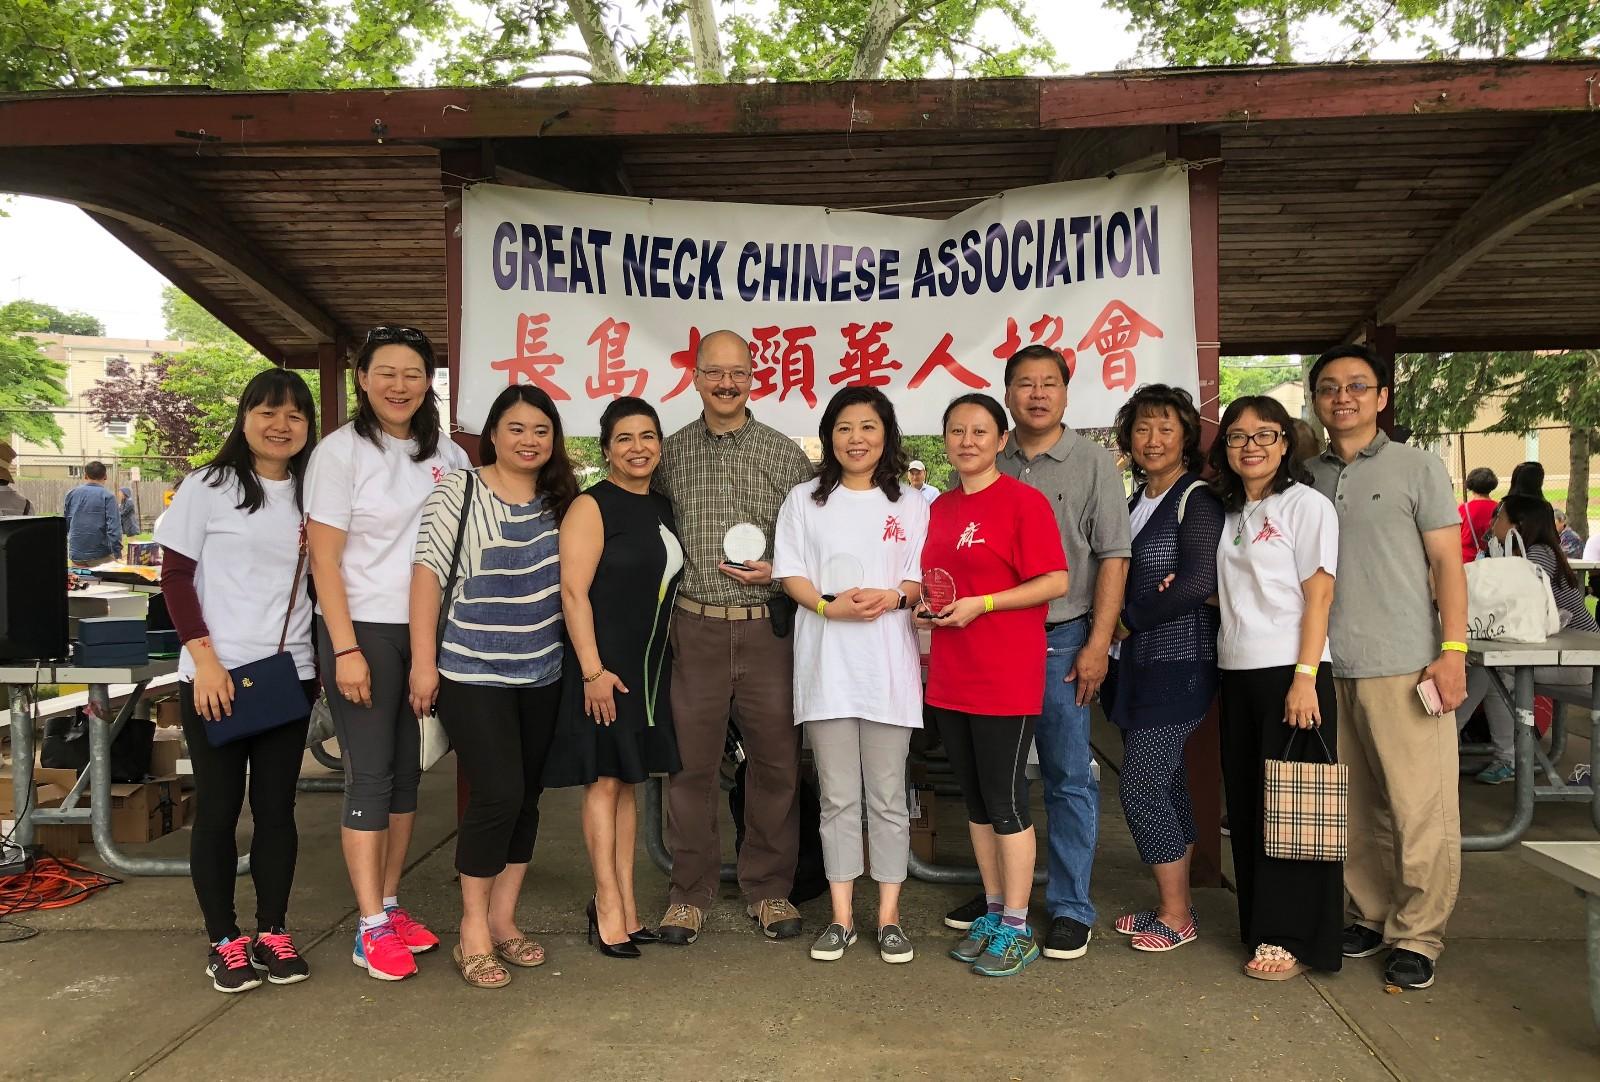 长岛大颈华人协会举办年度聚会并颁发社区服务奖